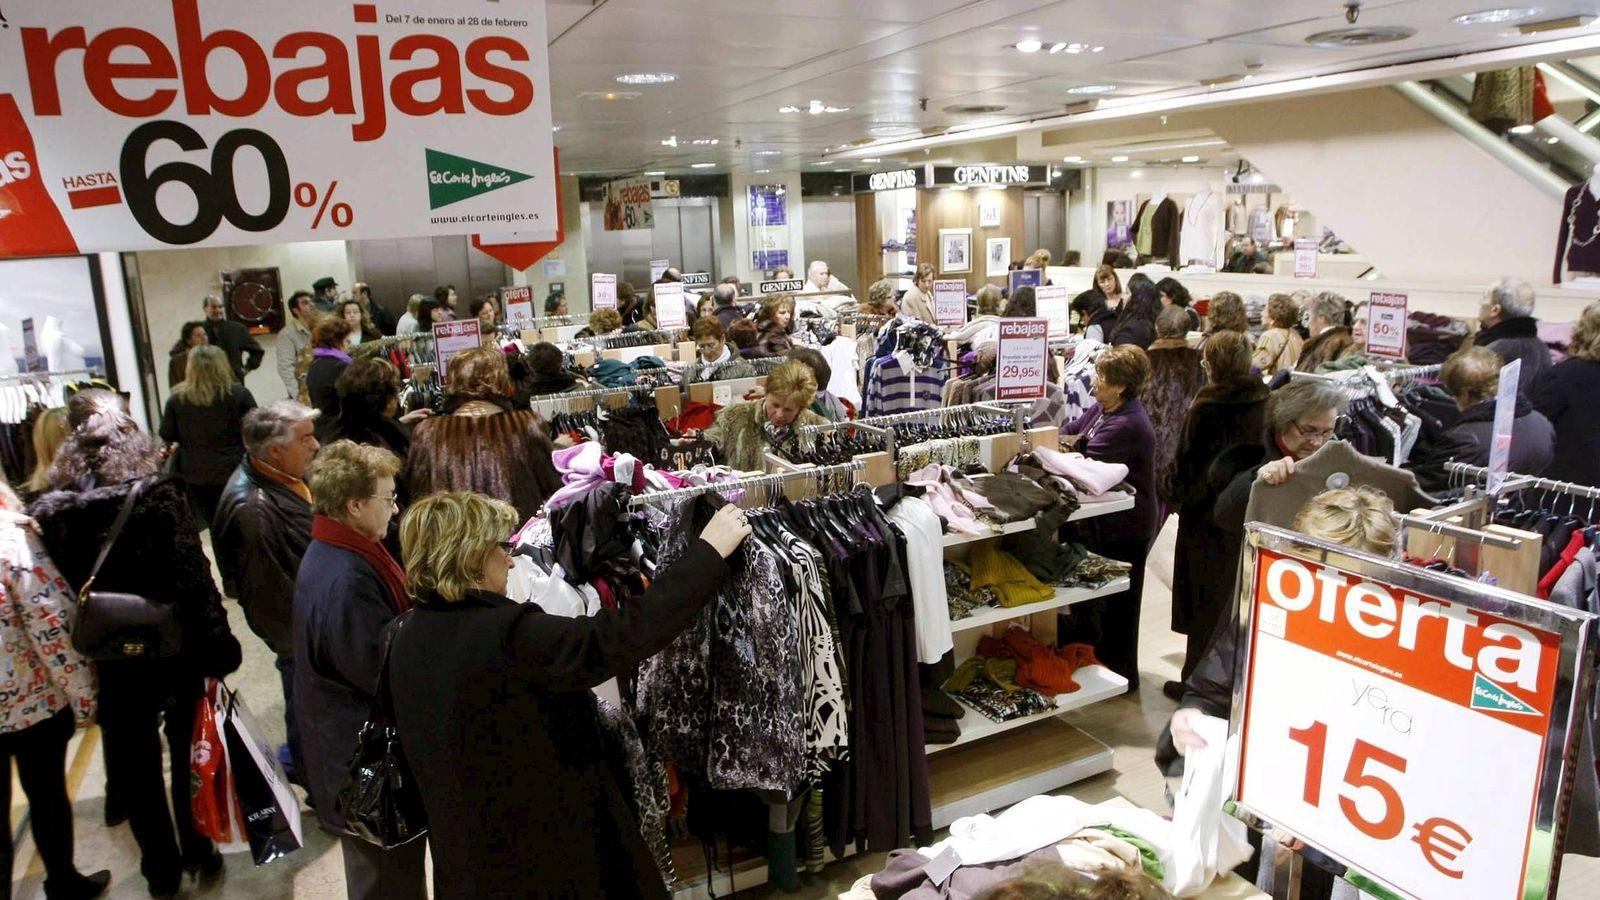 Foto: Rebajas en El Corte Inglés. (EFE)